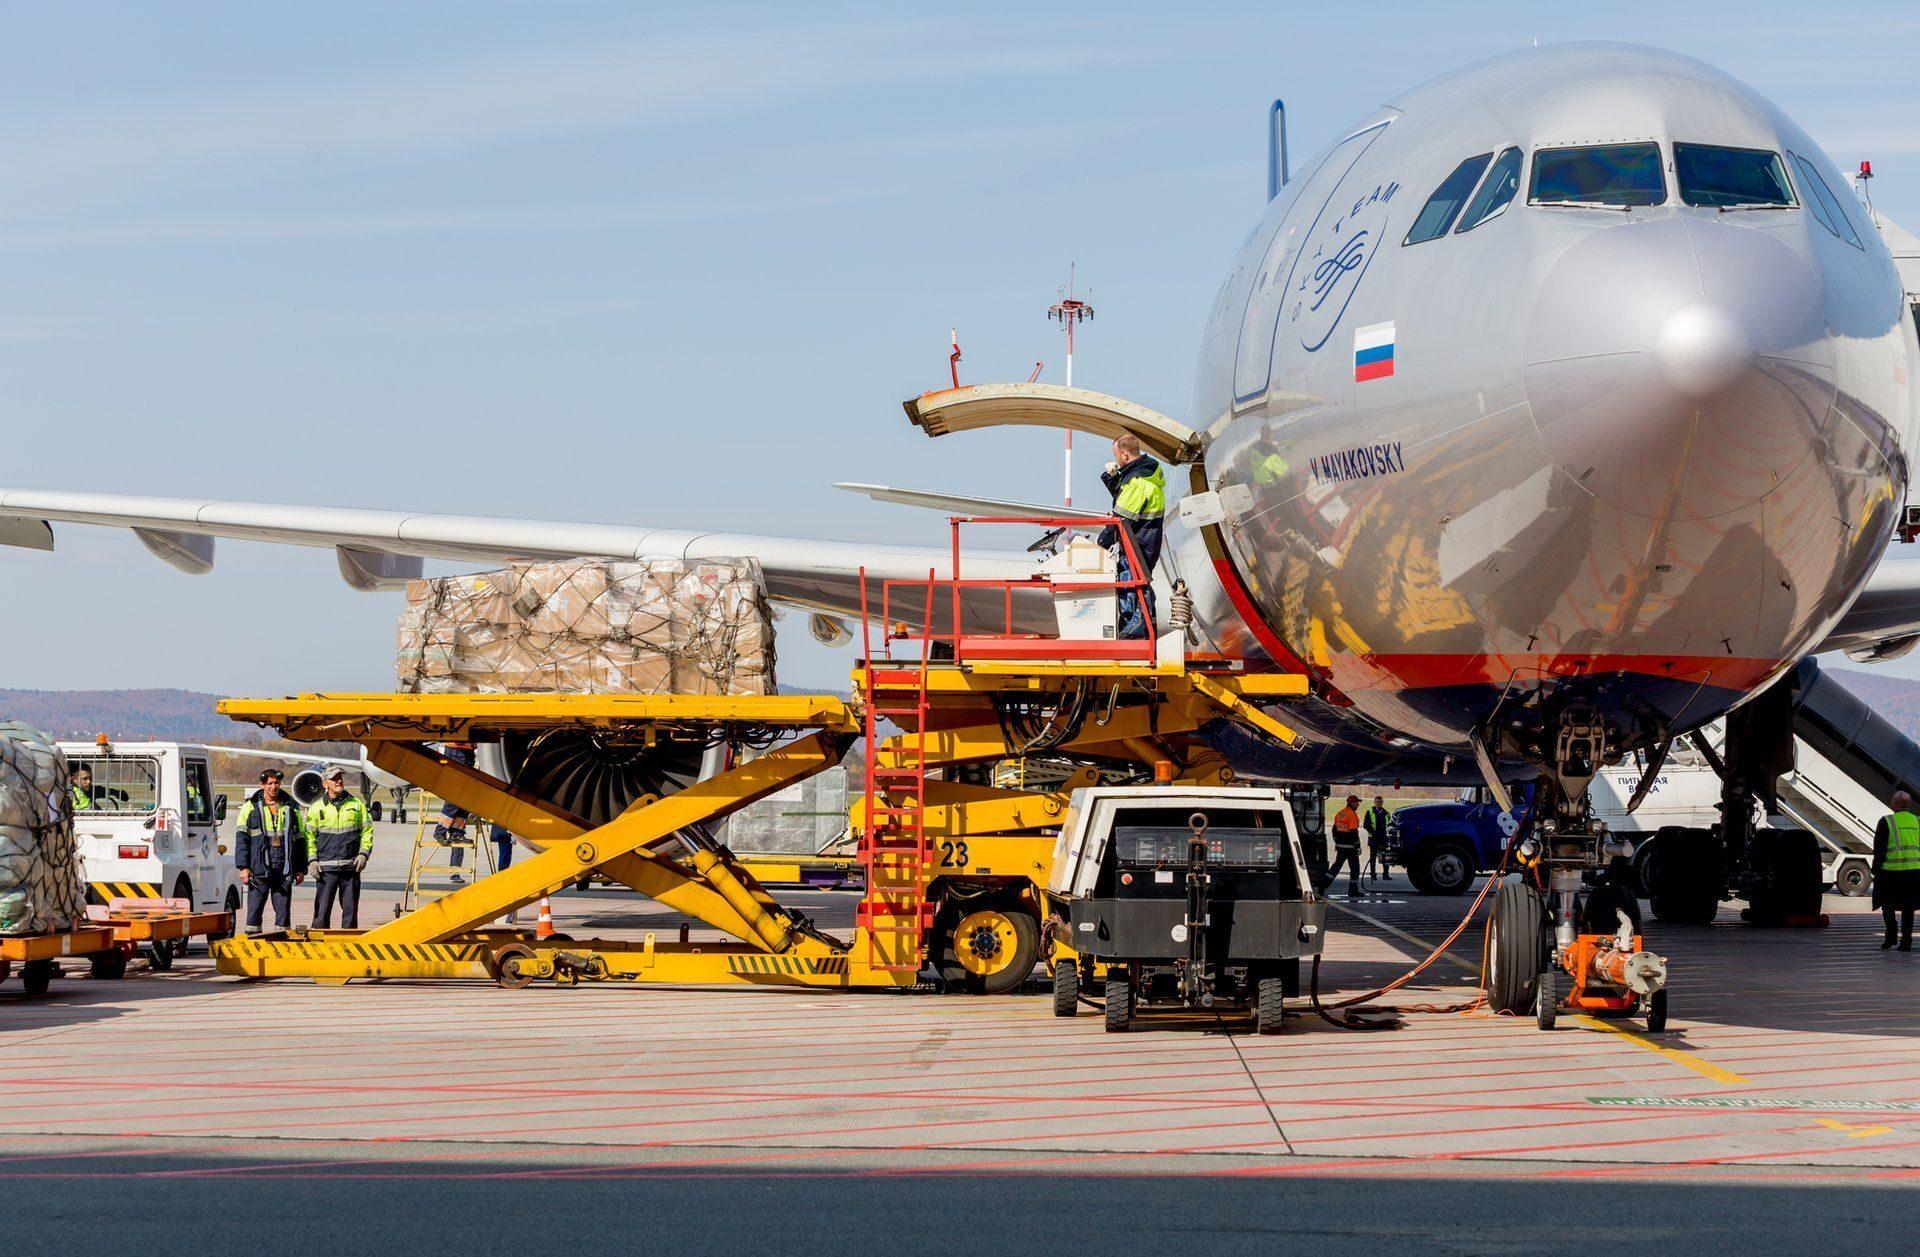 Доставка товаров и документов самолетом - особенности